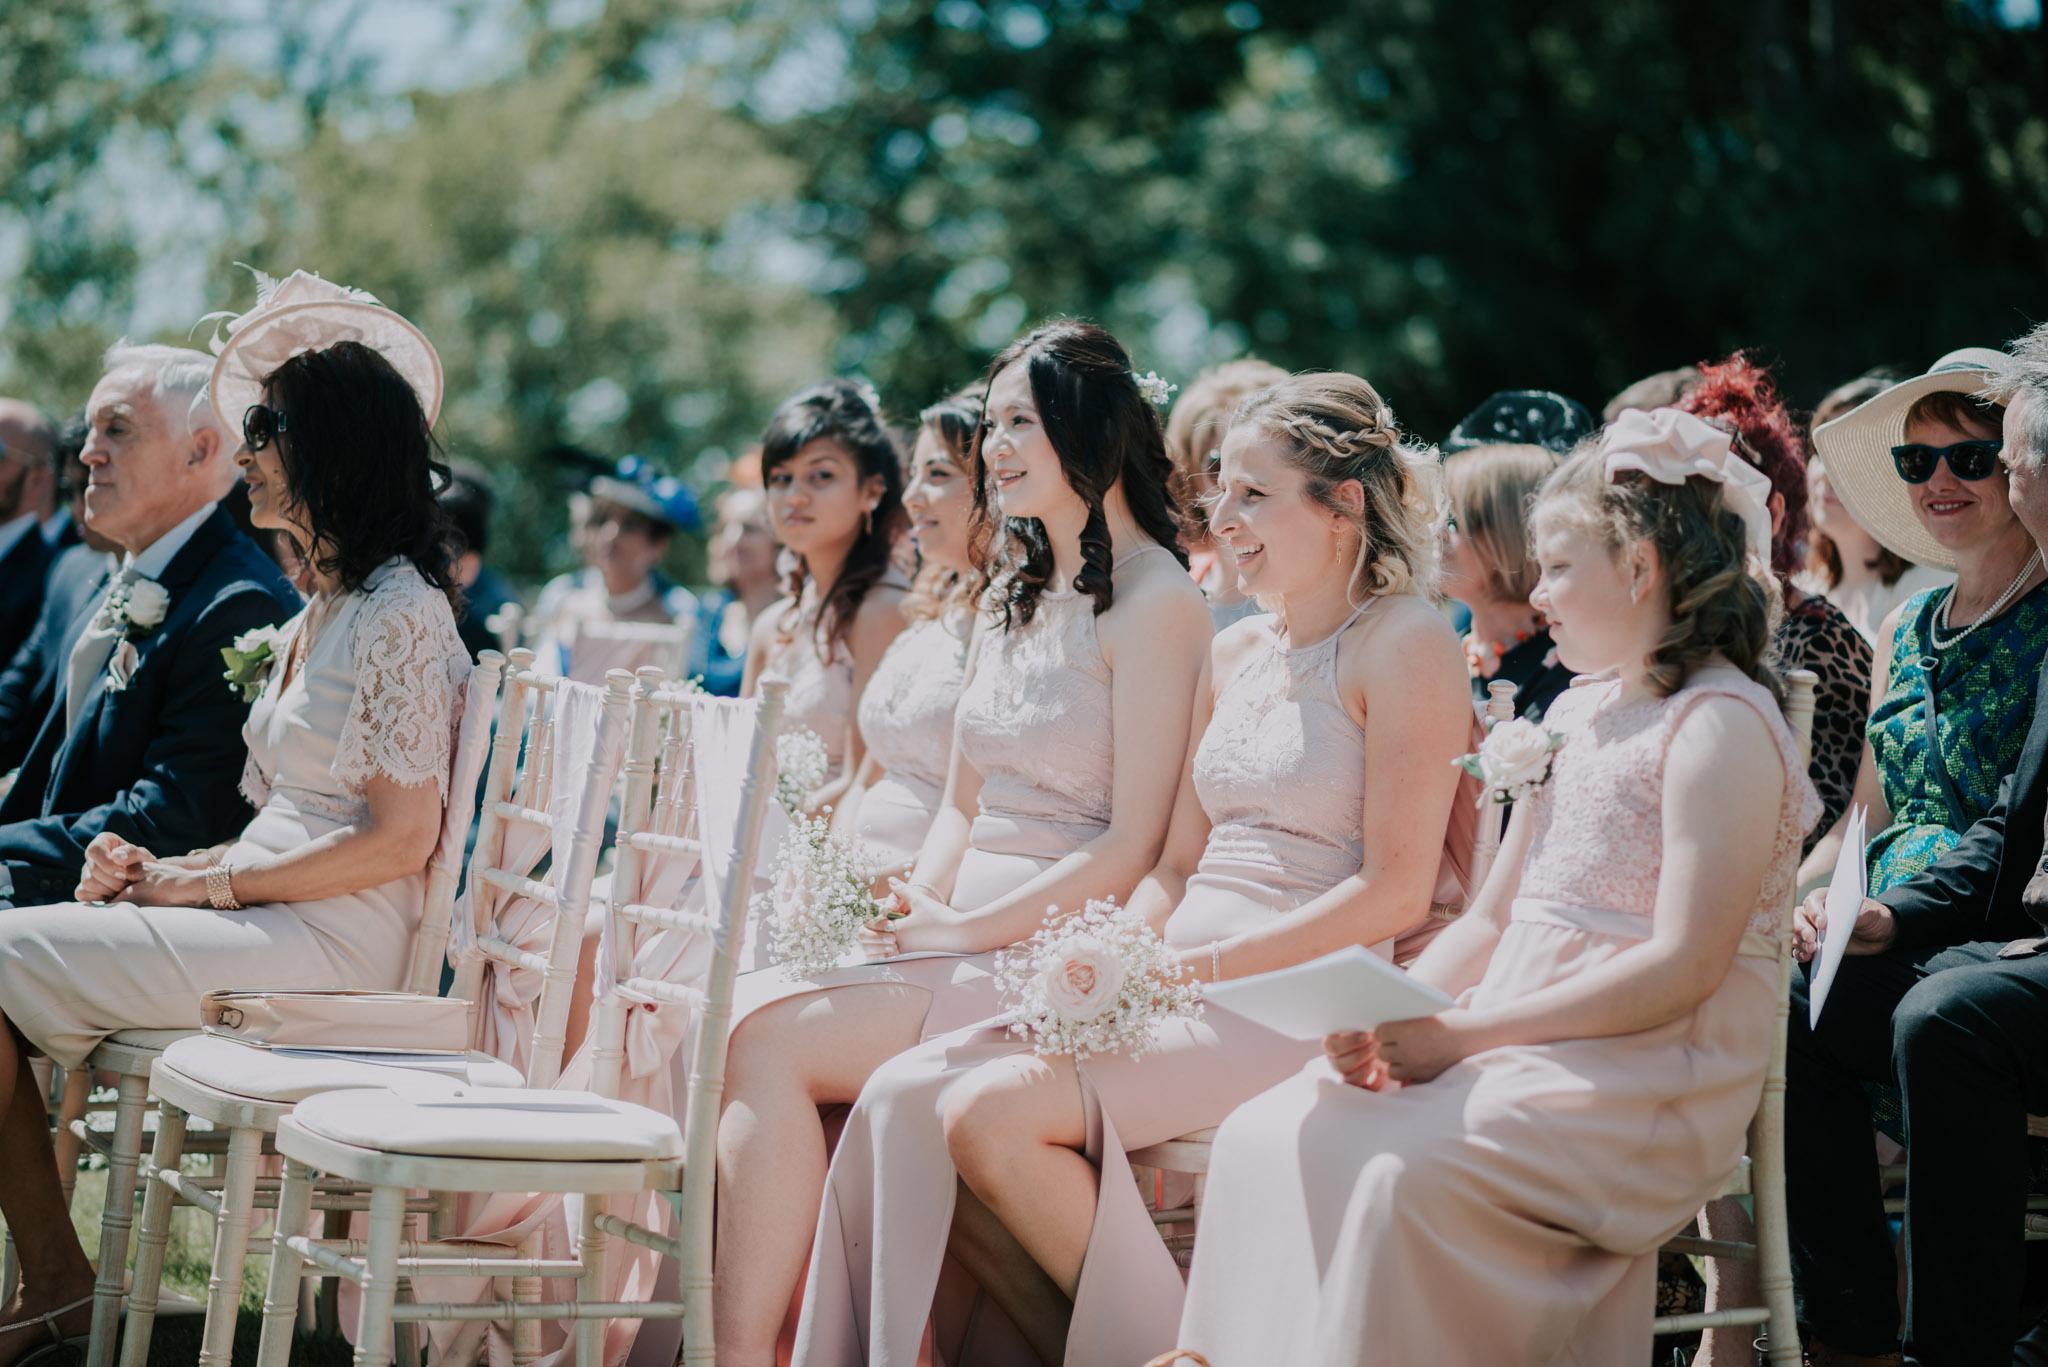 scott-stockwell-wedding-photographer-wood-norton-evesham180.jpg